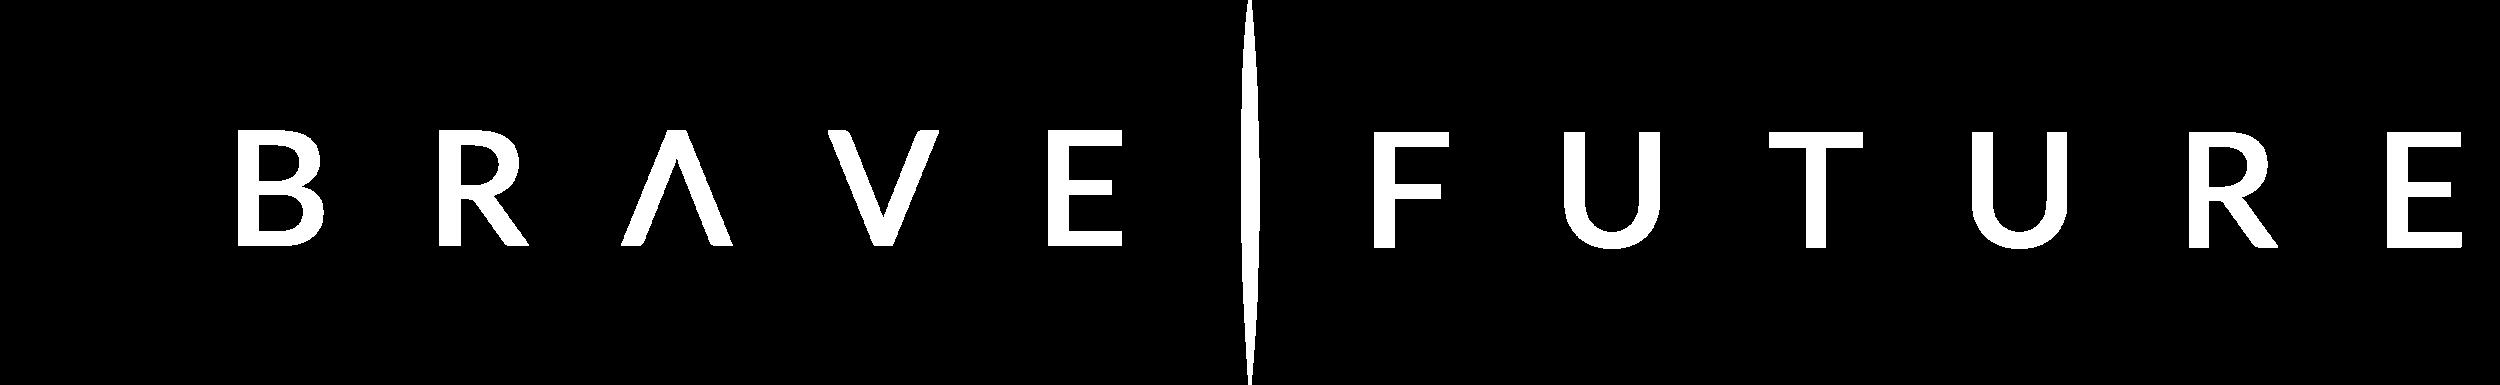 Brave Future logo.